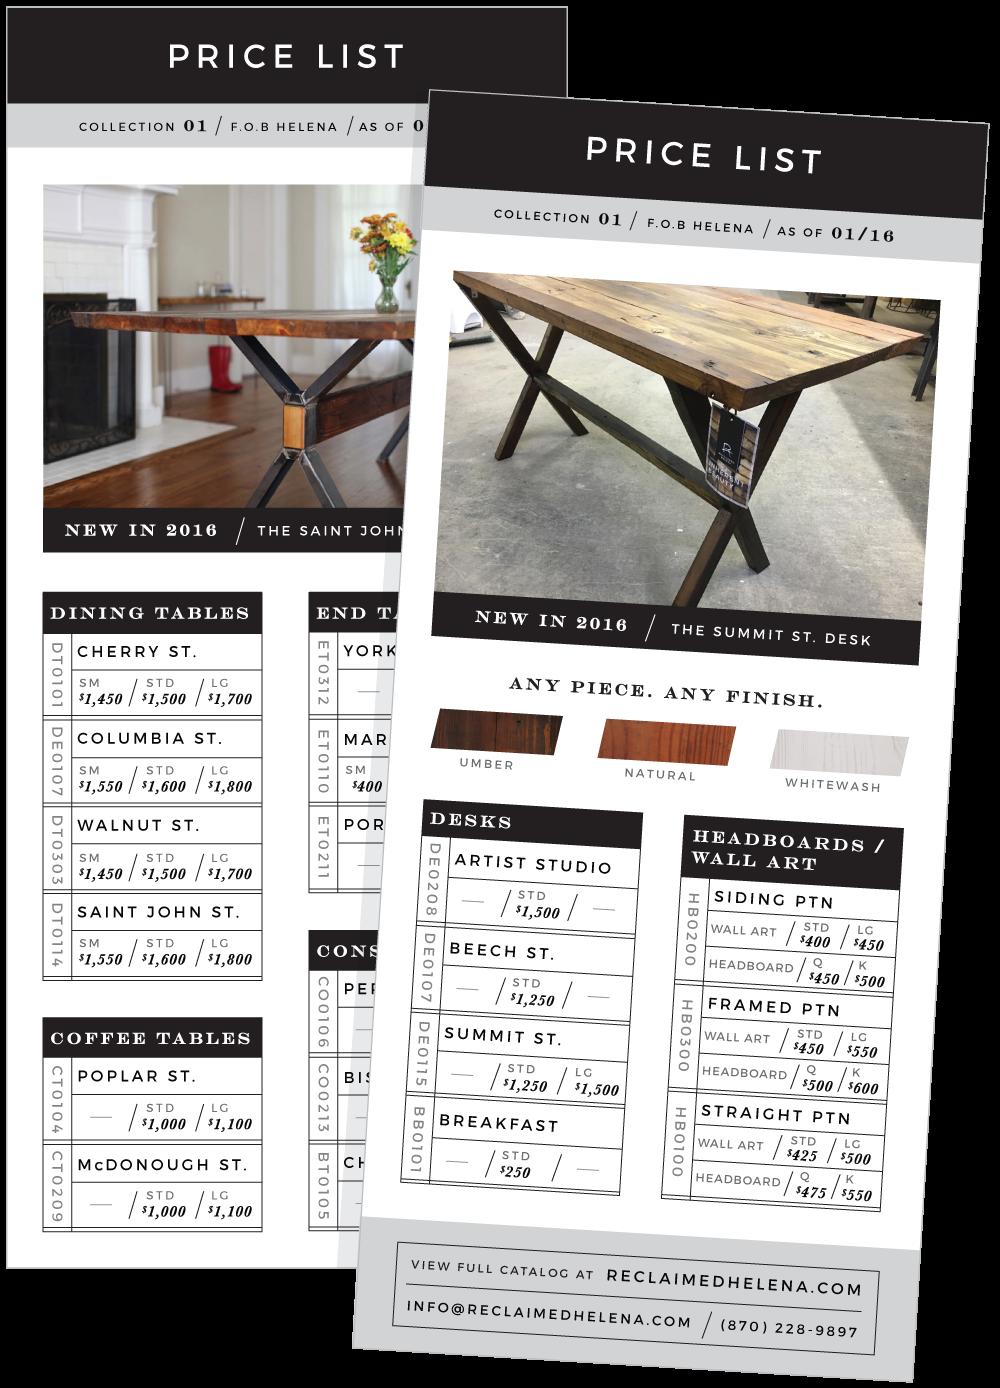 Price list insert for catalog.